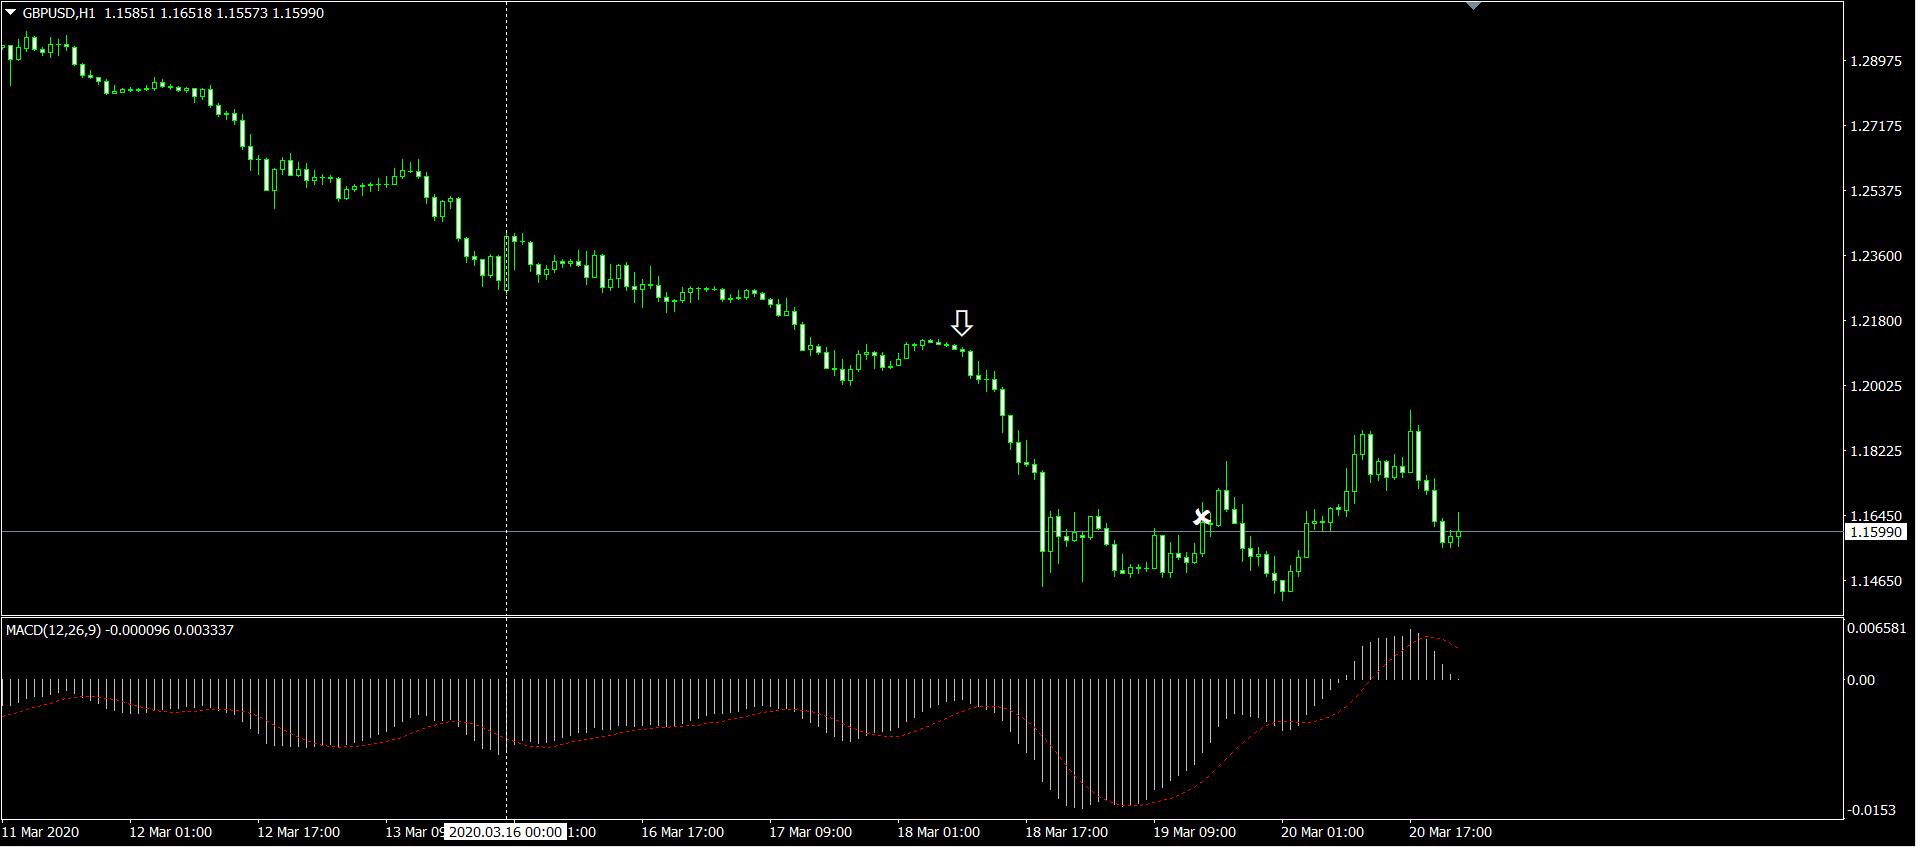 GBPUSD H1 のチャート画面